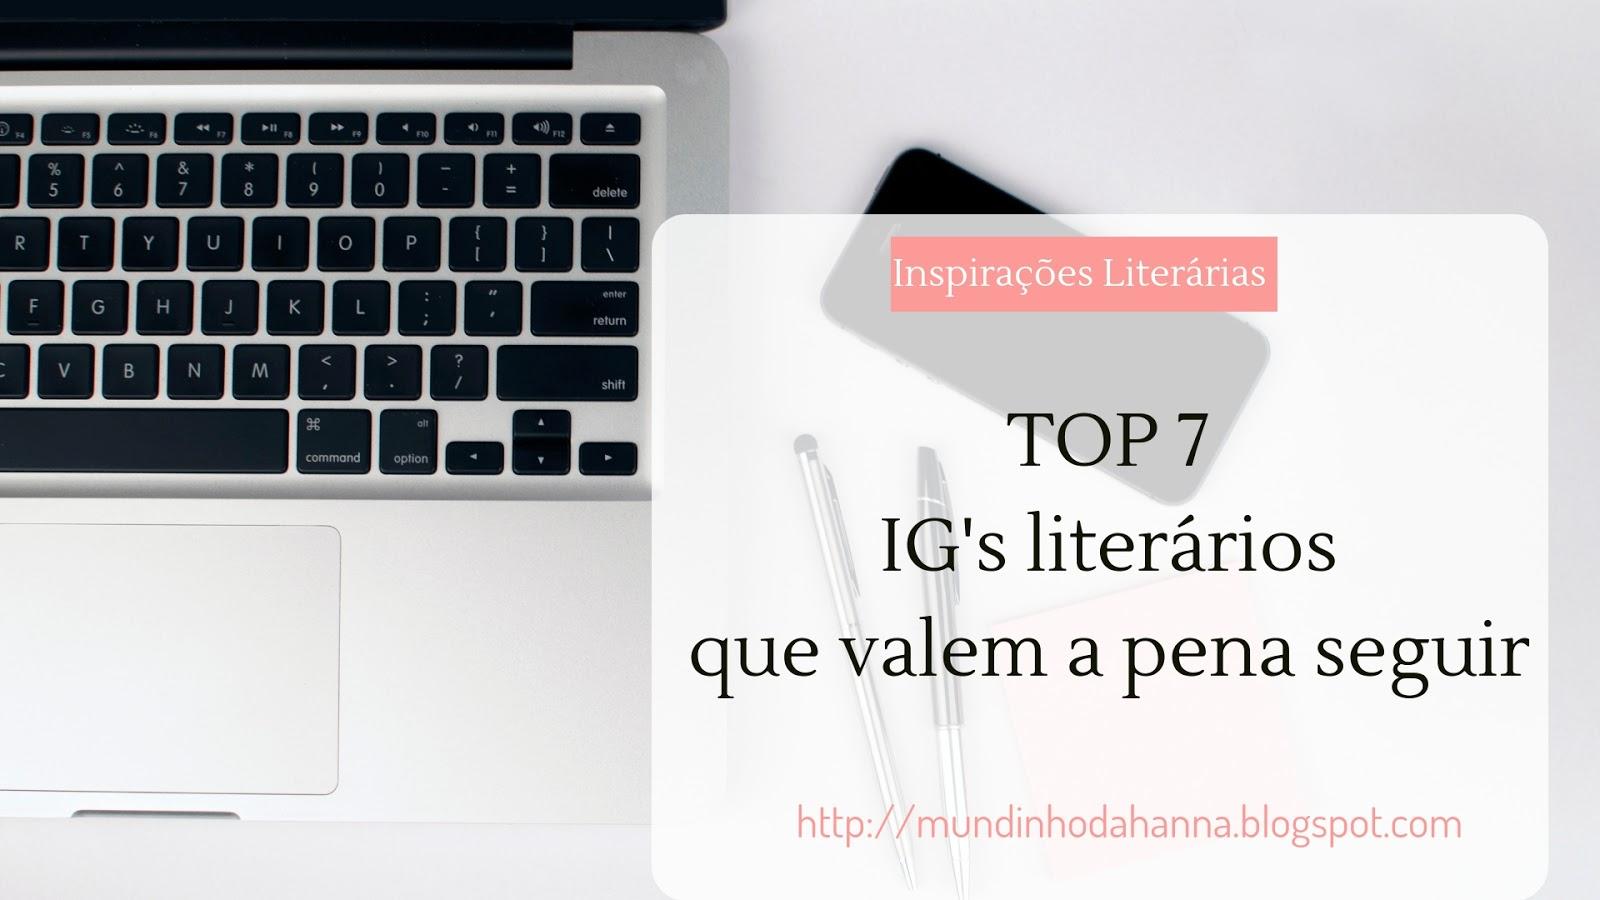 7 Ig's literários que valem a pena seguir